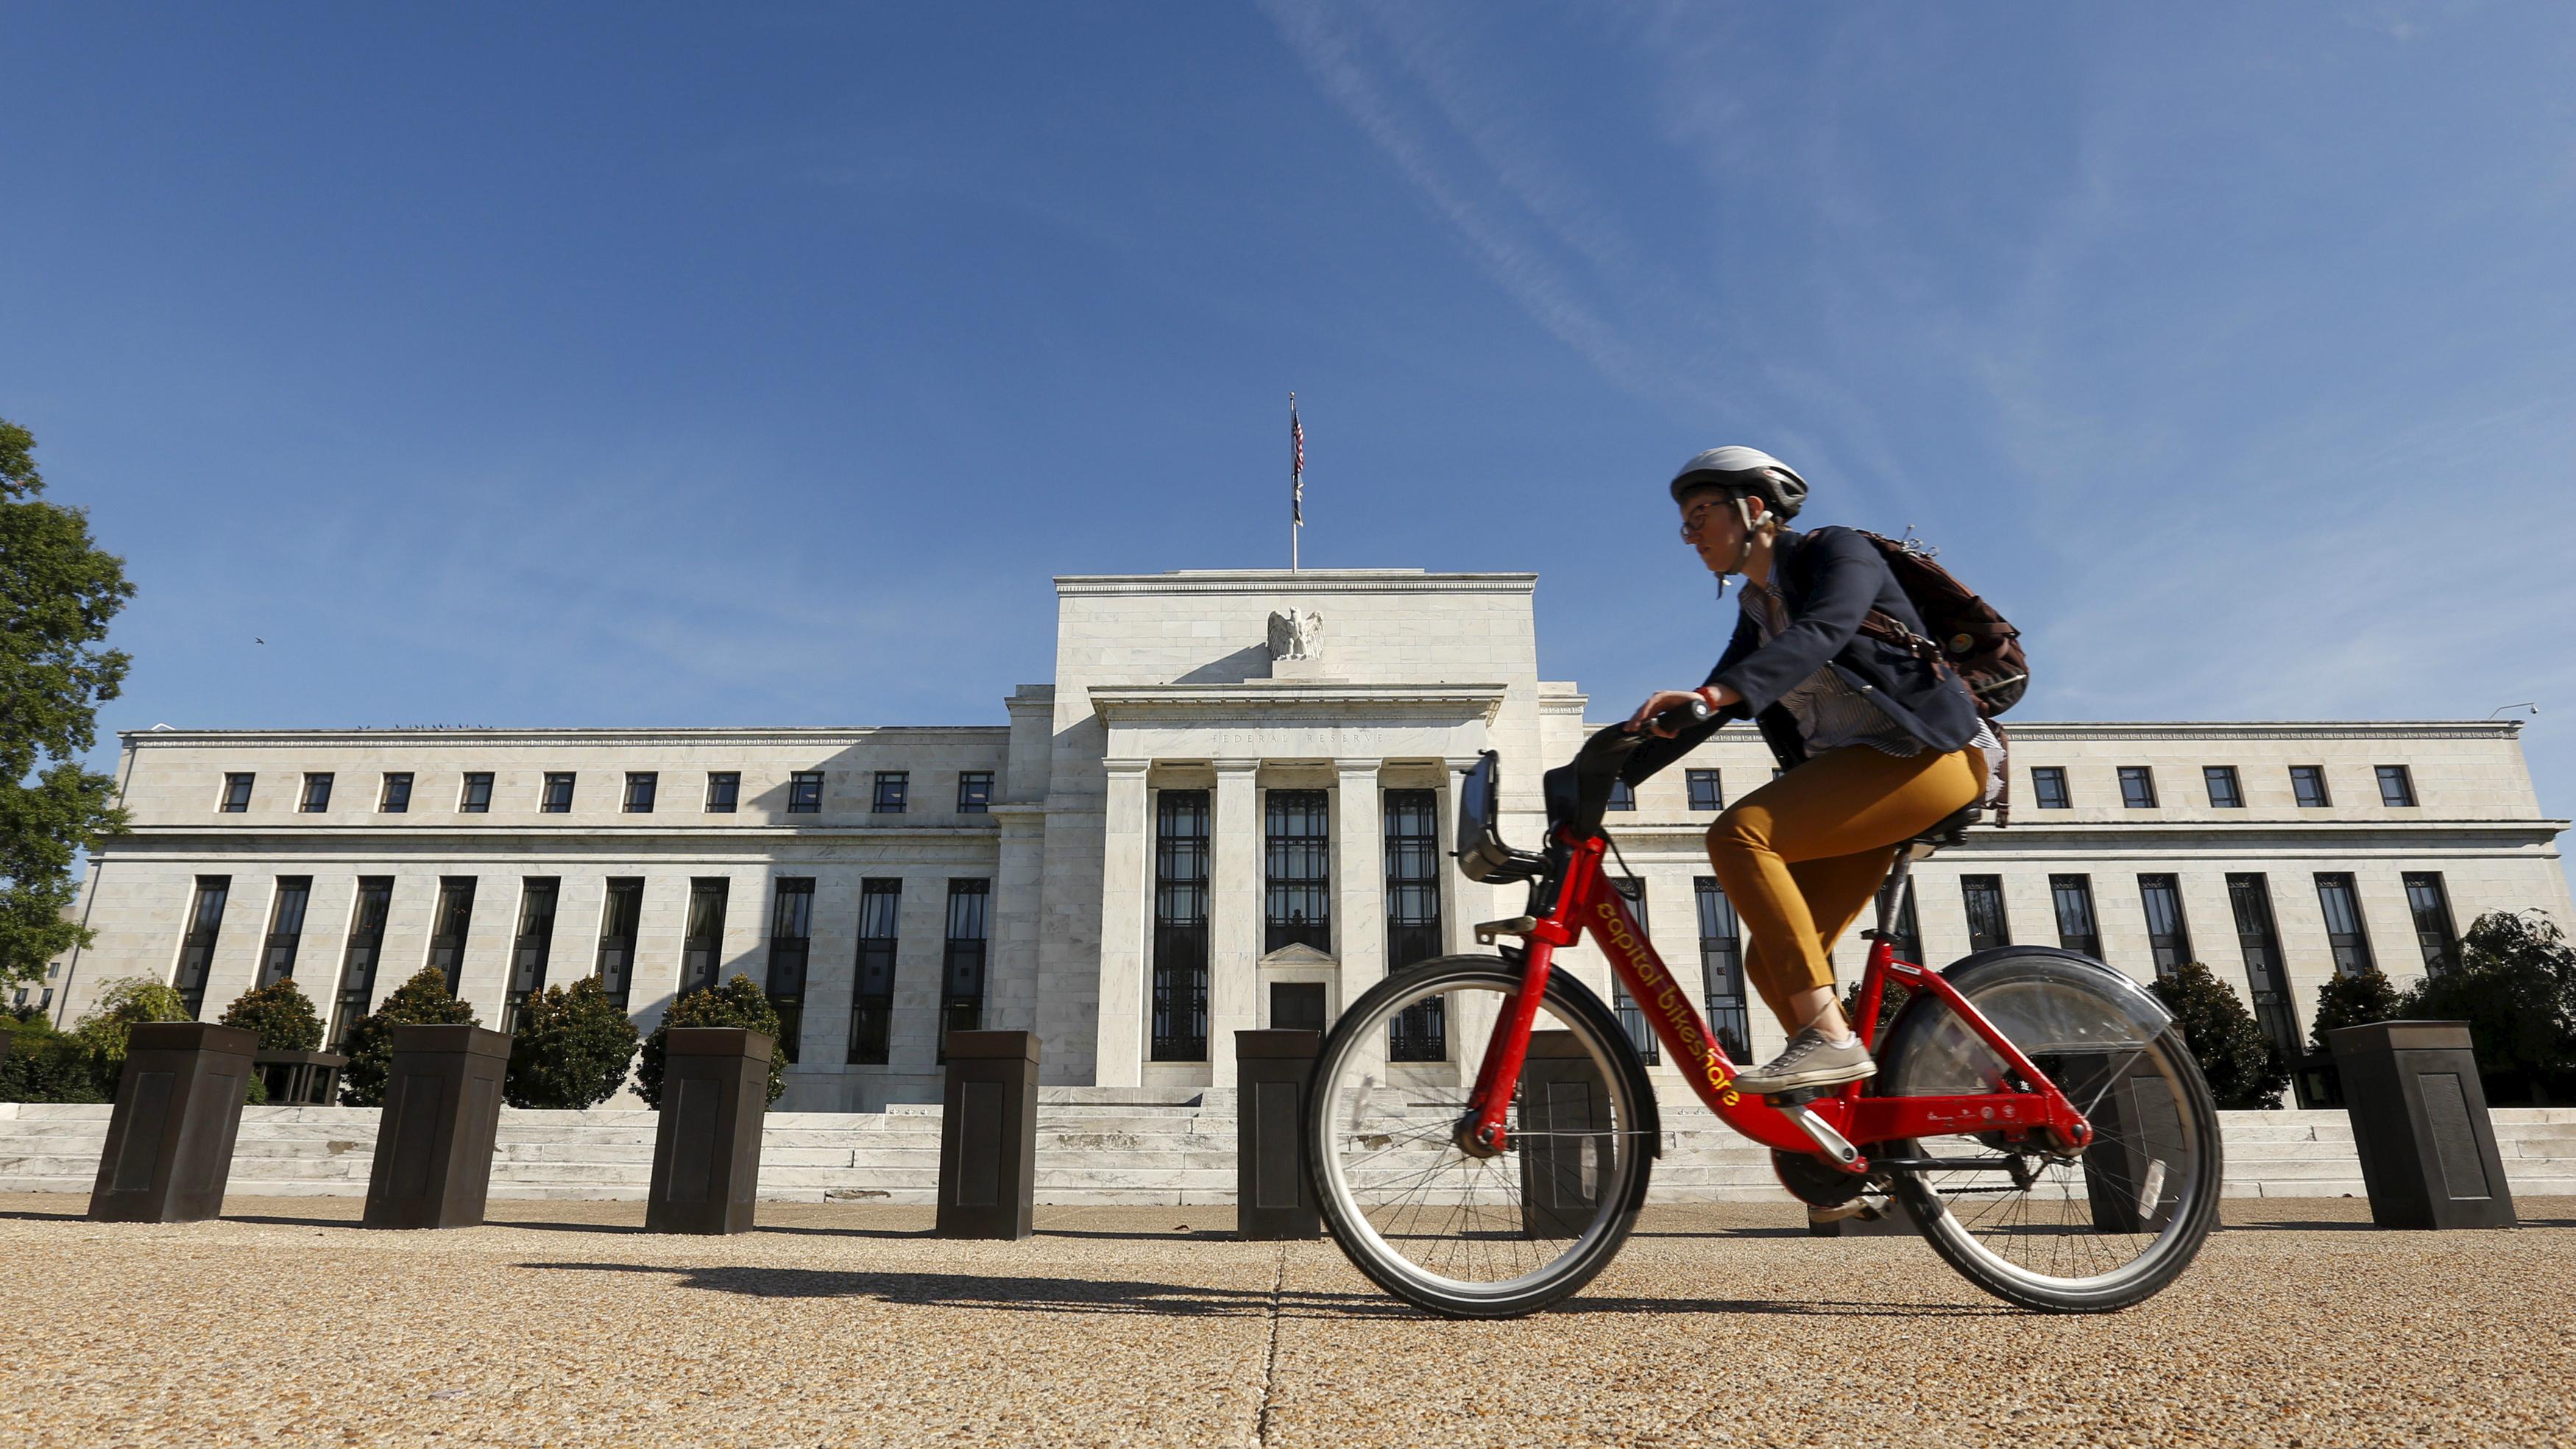 millennials-rising-rates-federal-reserve